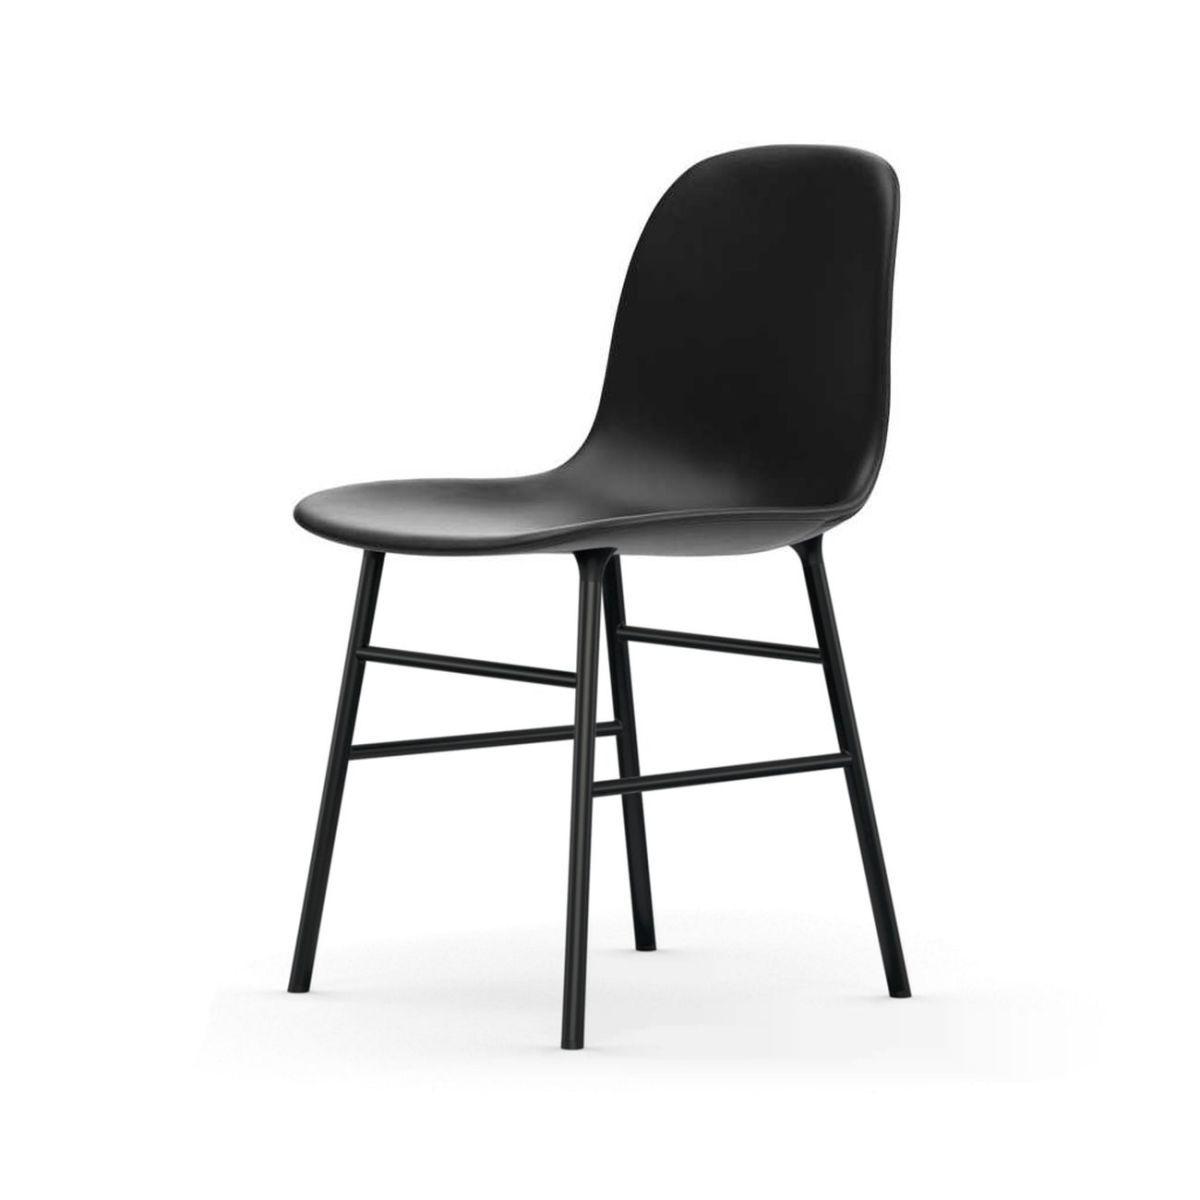 Verzauberkunst Stuhl Gepolstert Sammlung Von Normann Form Black Leder-gepolstert Tango Jetzt Bestellen